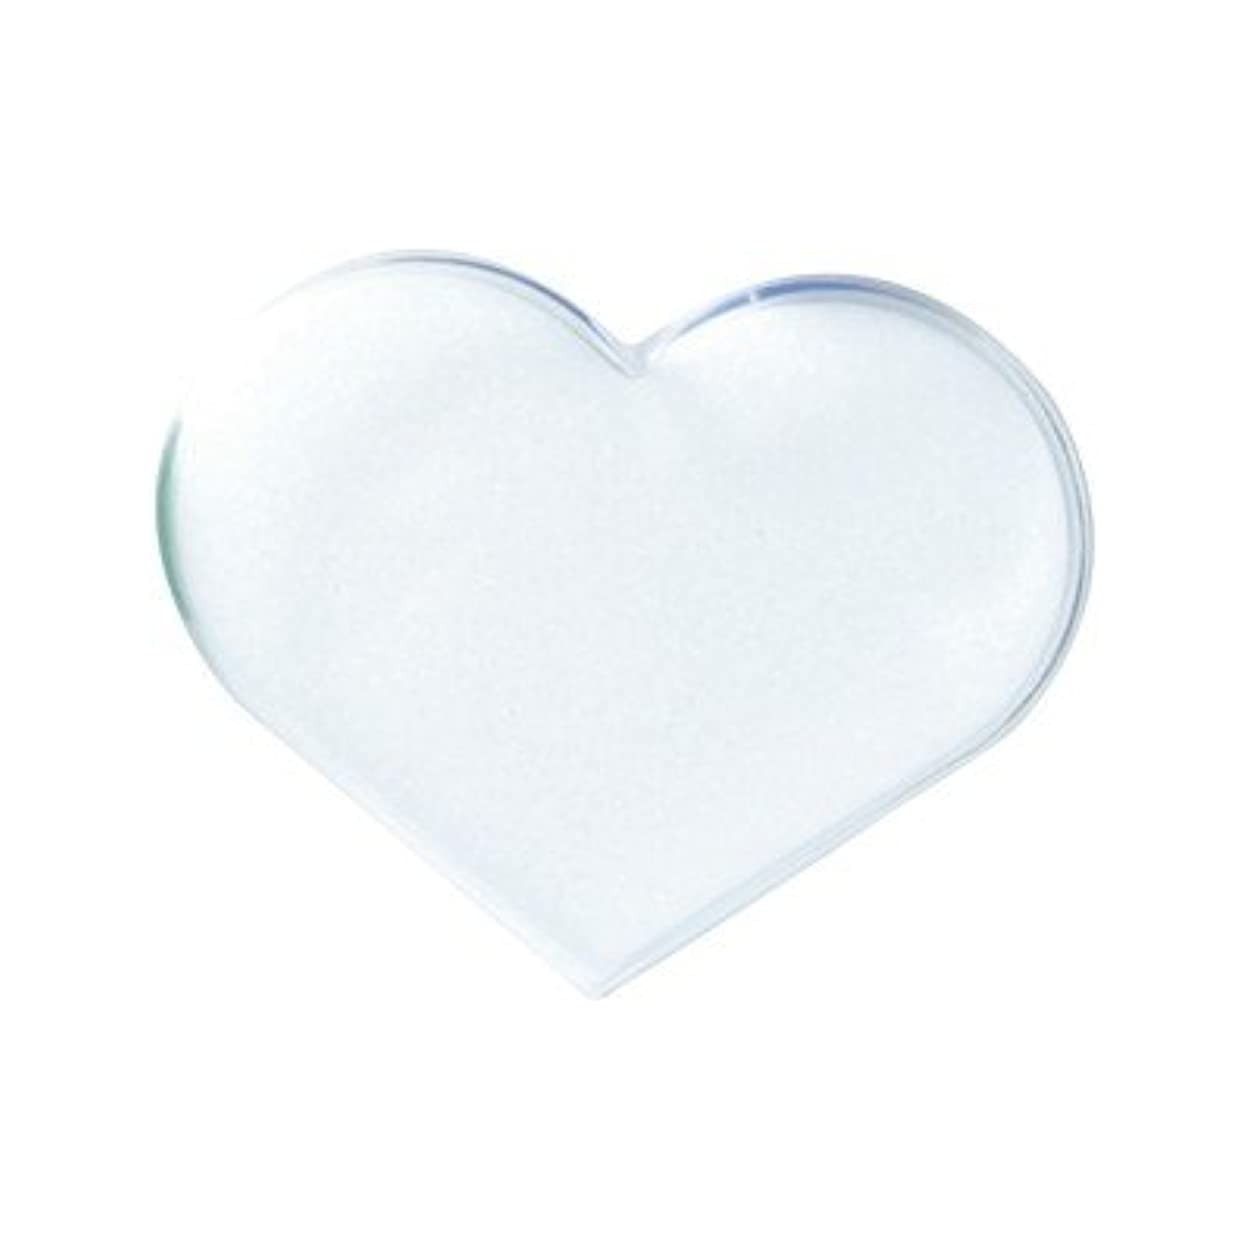 袋くすぐったい排気POSH ART ハートチップケース ホワイト